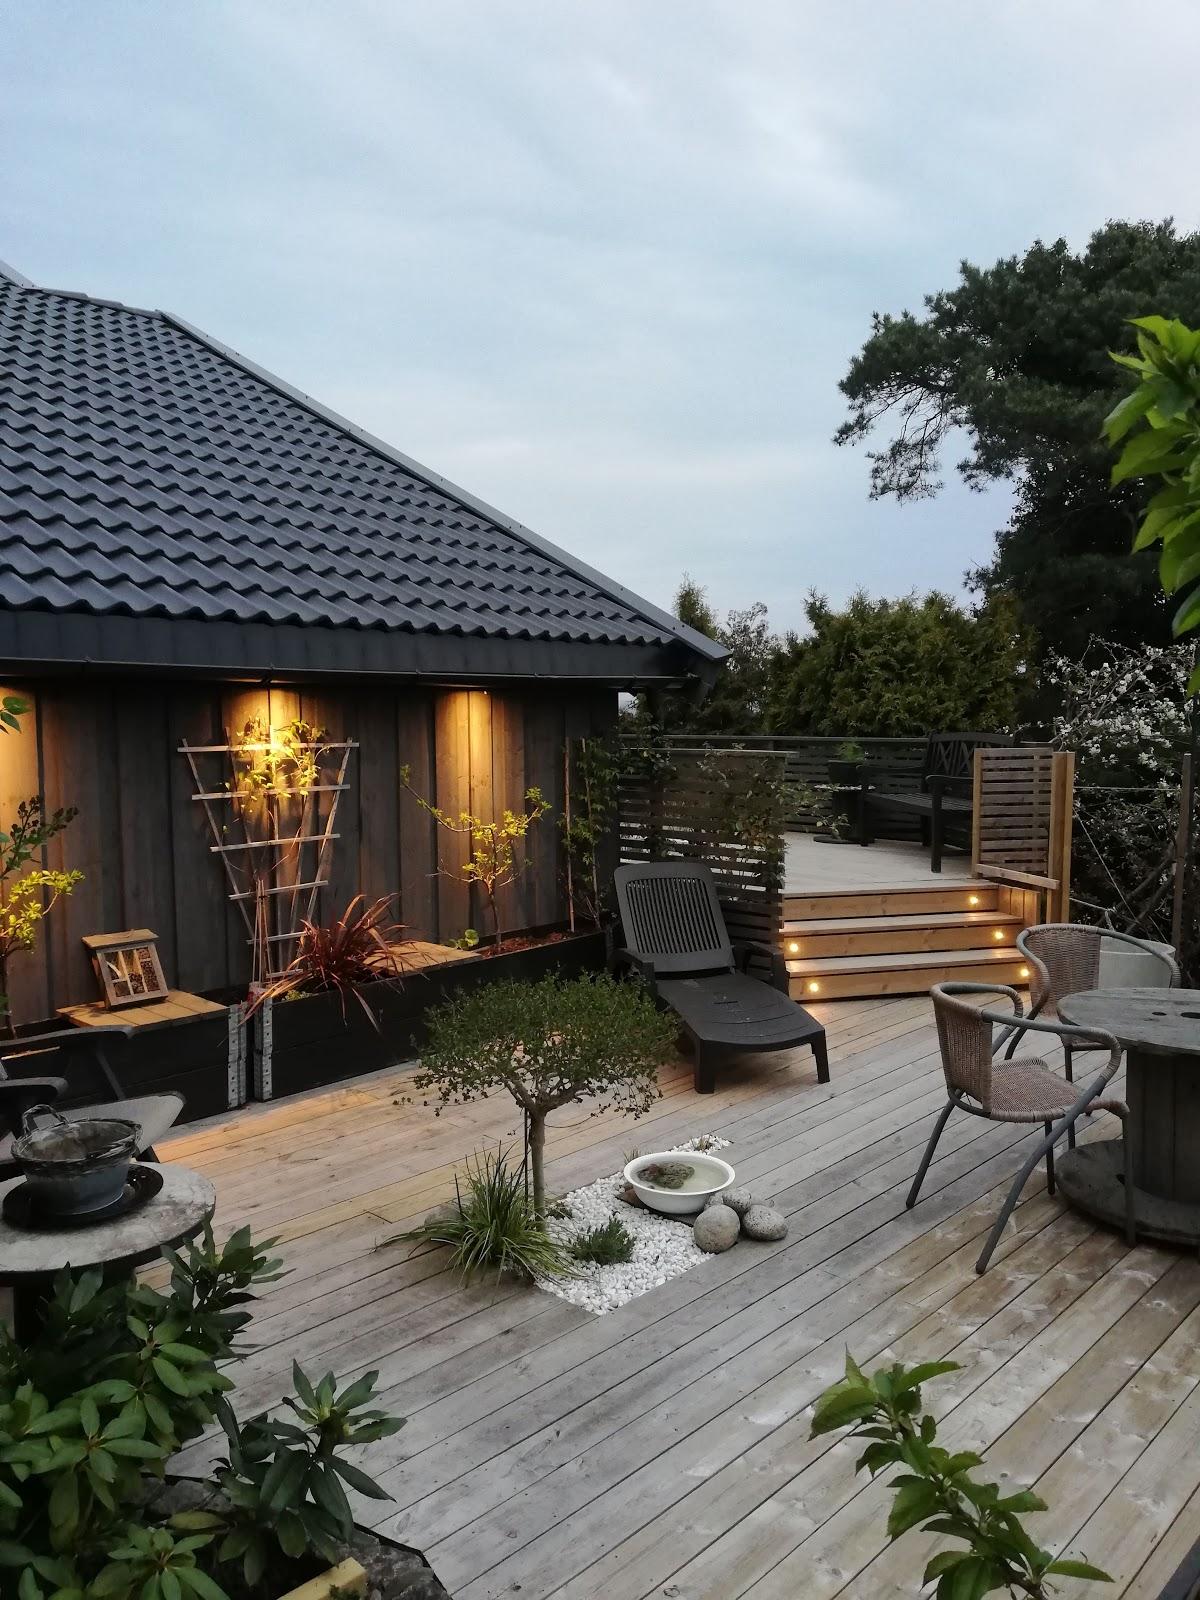 terrasse inspirasjon hage